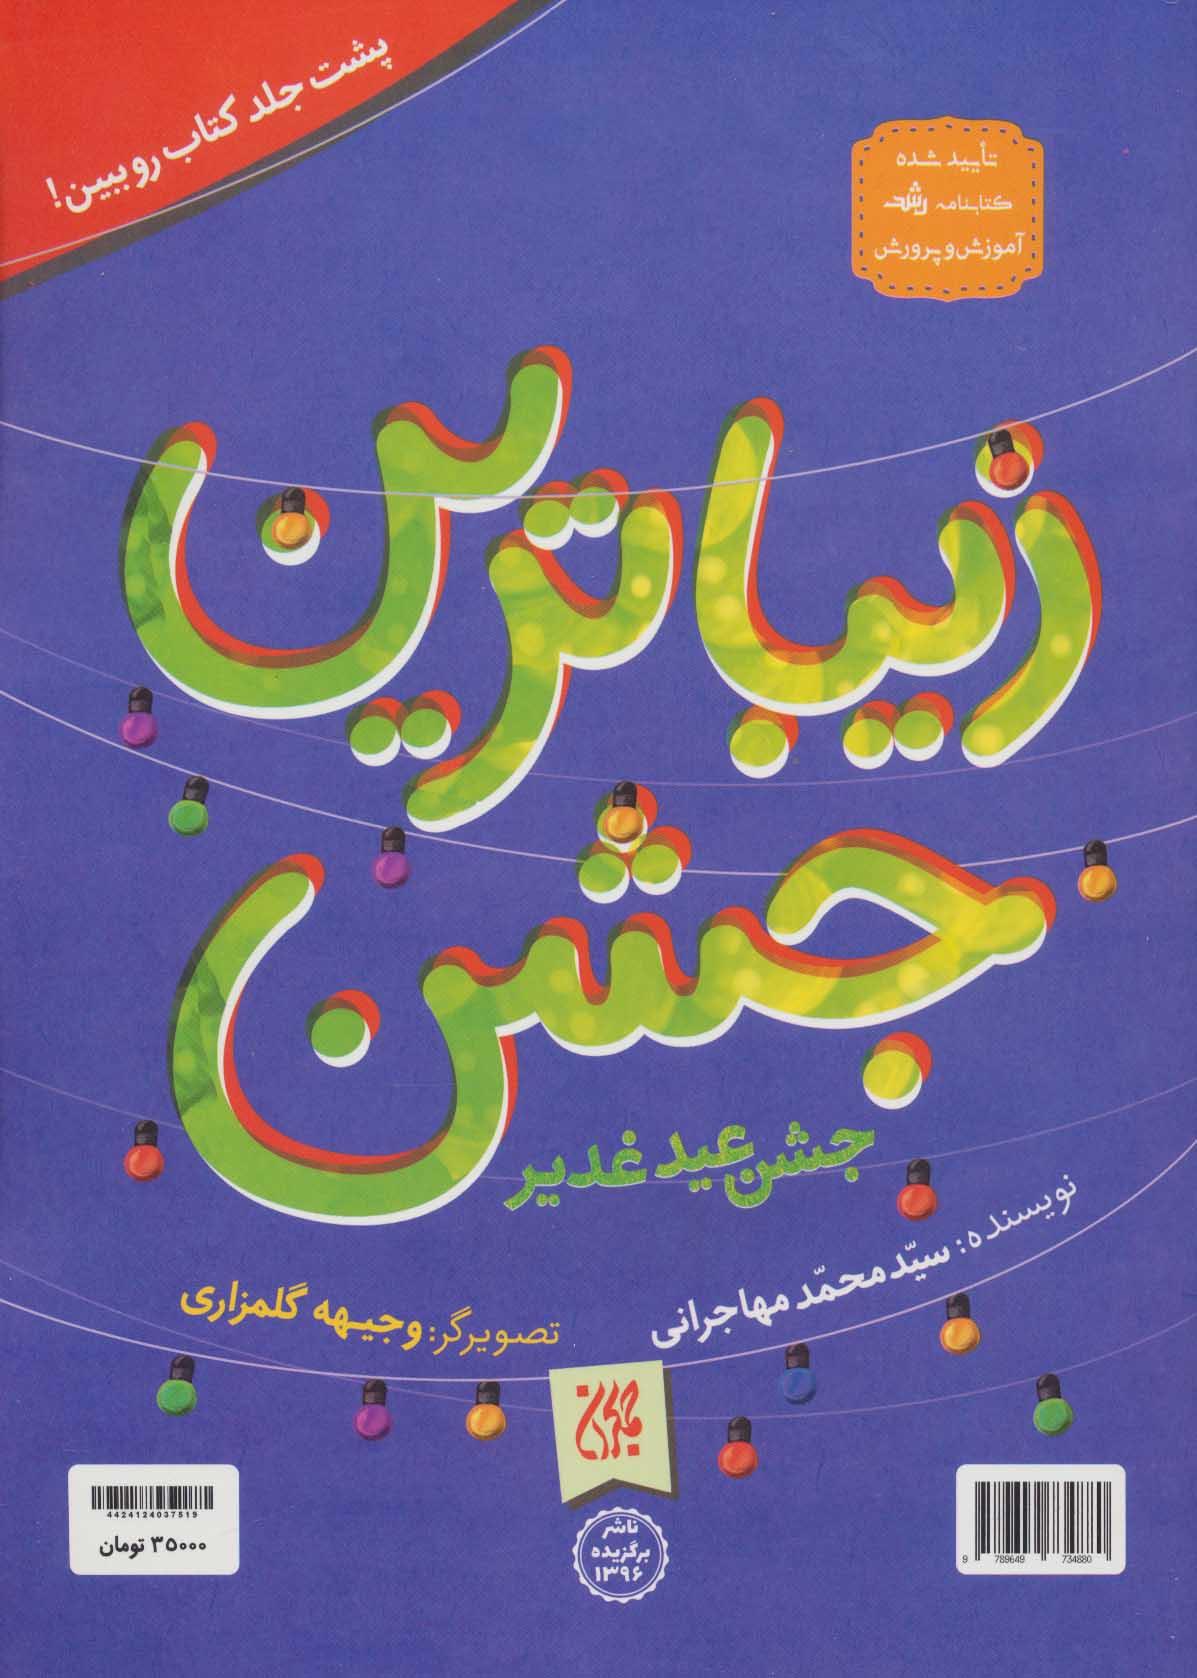 زیباترین عید:عید غدیر خم/زیباترین جشن:جشن عید غدیر